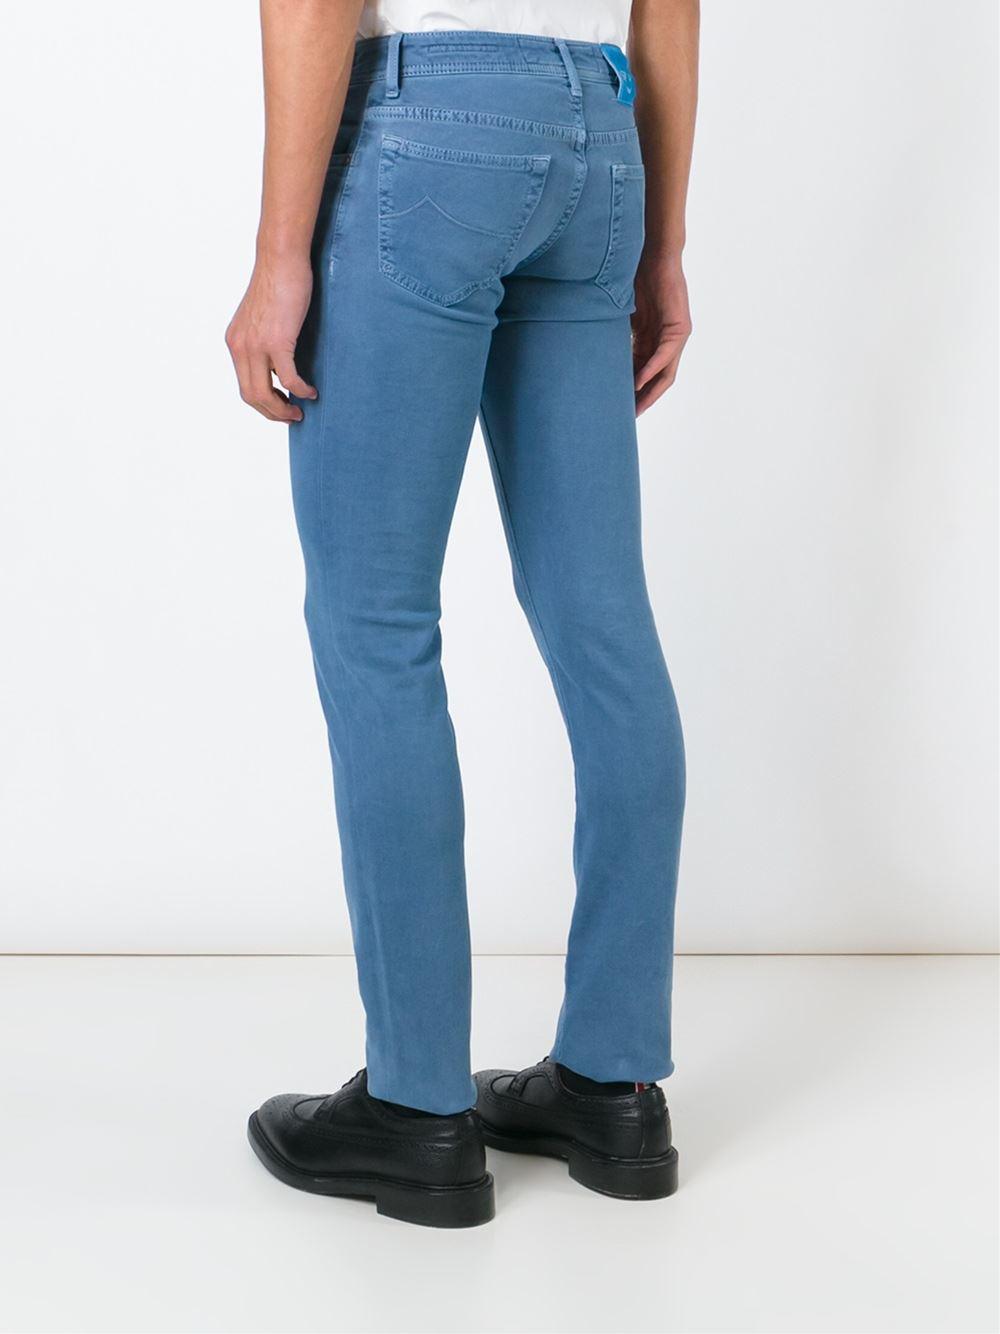 jacob cohen slim fit jeans in blue for men lyst. Black Bedroom Furniture Sets. Home Design Ideas